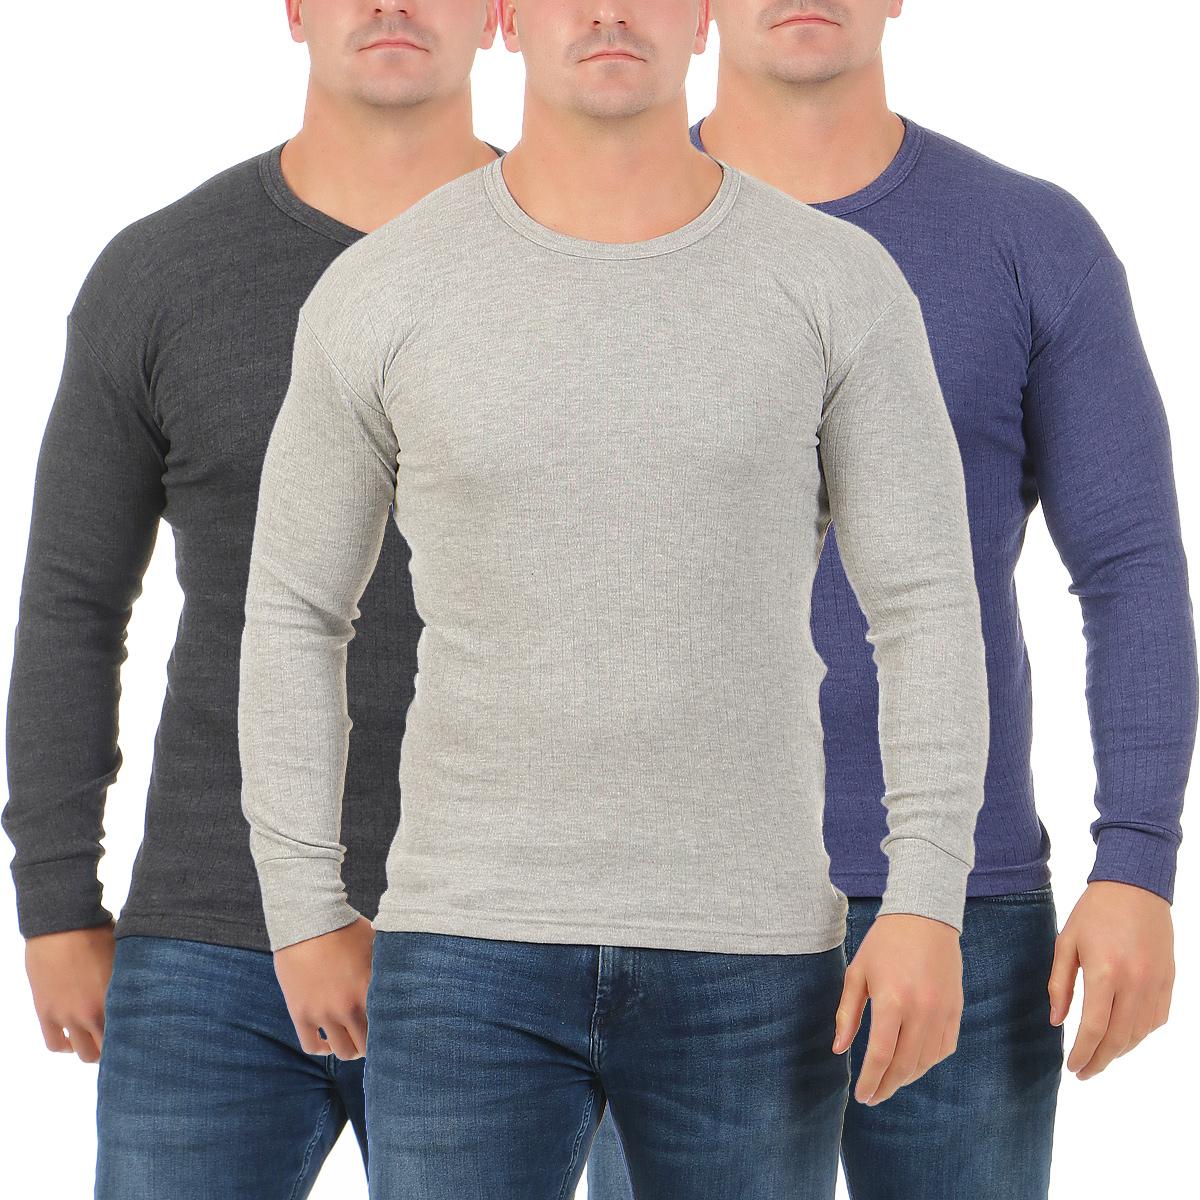 124b8f04fd72 Herren Thermo Unterhemd langarm warm Rippshirt angerauht Unterwäsche ...